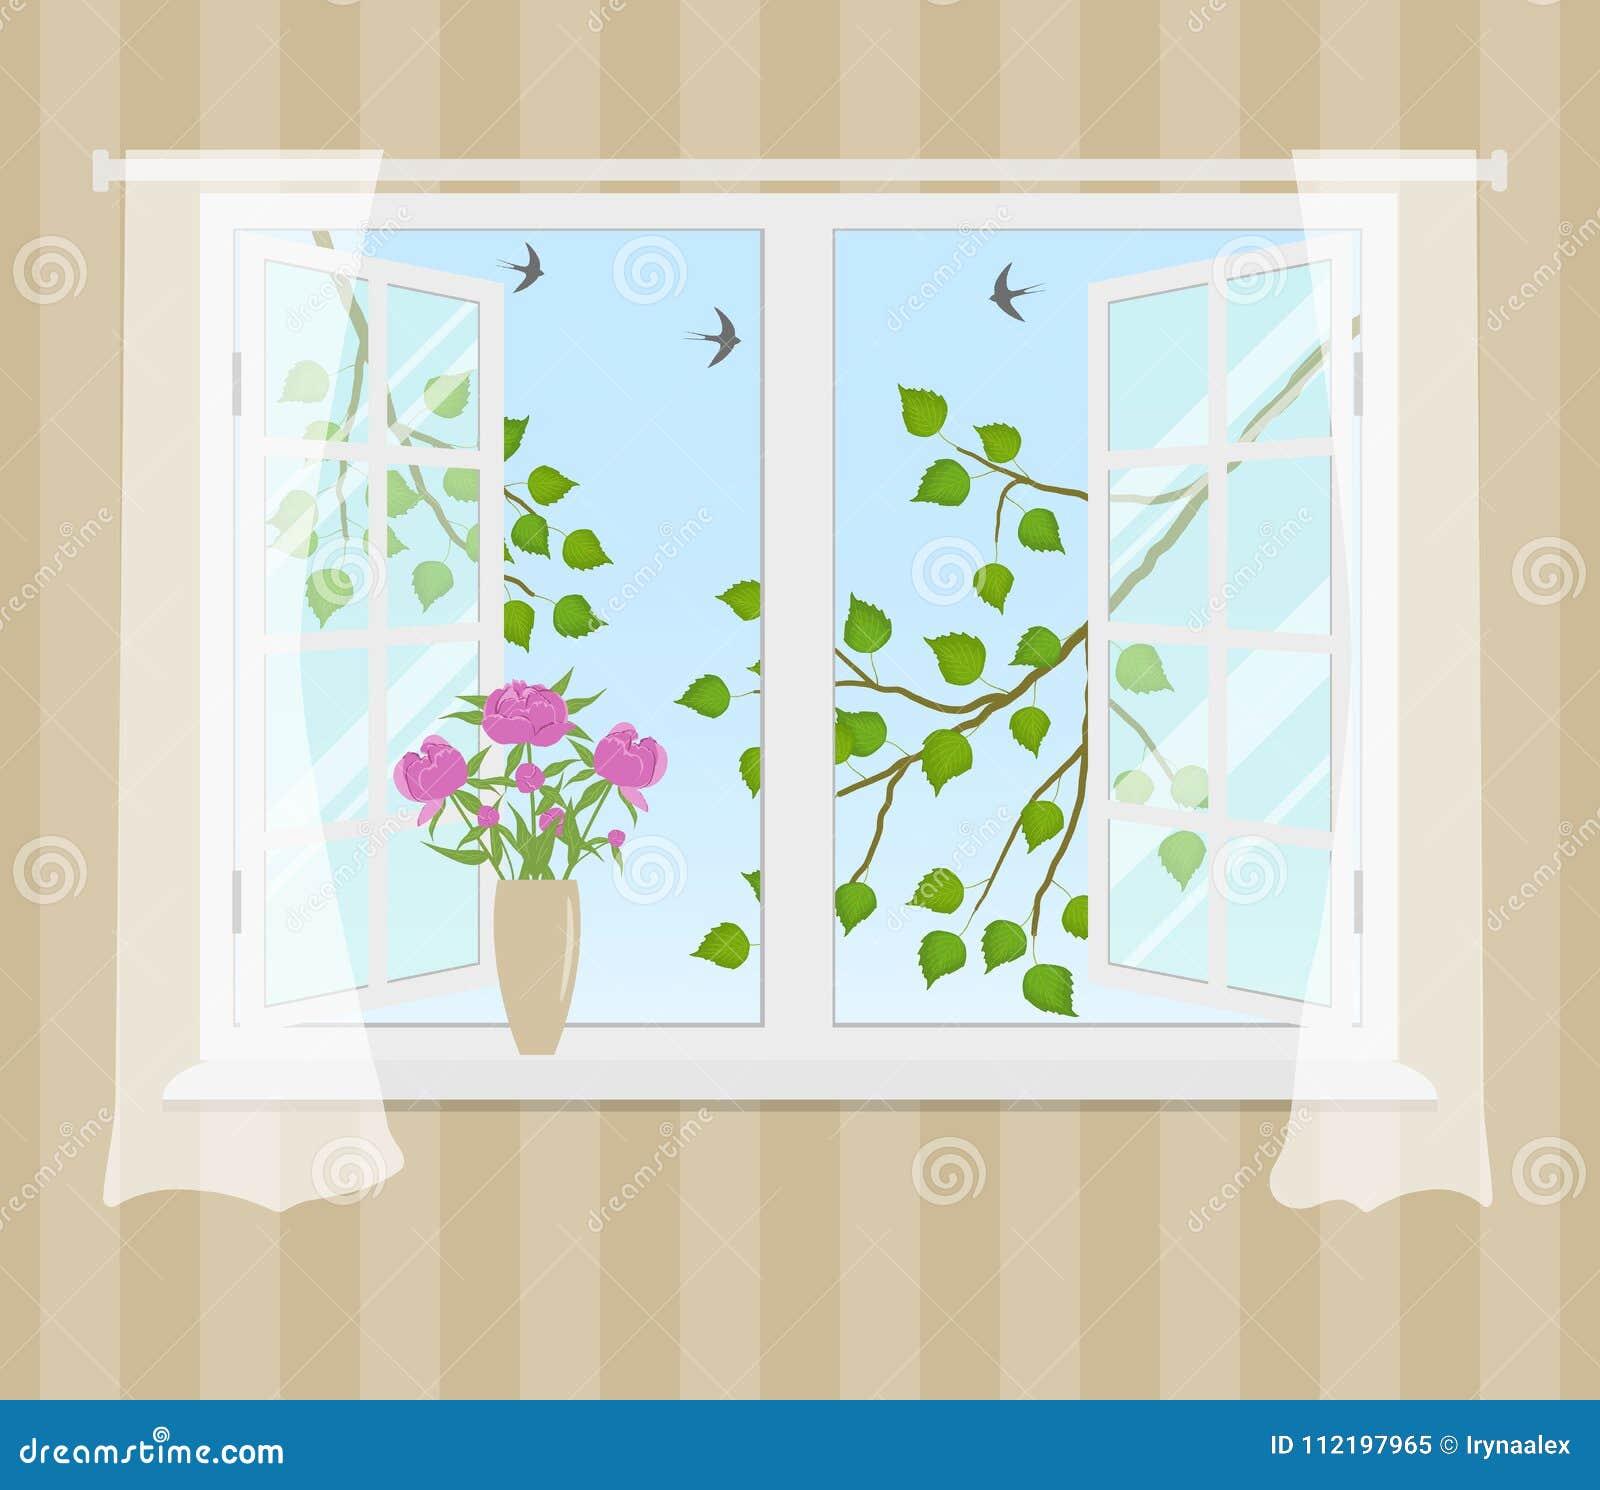 Janela aberta com cortinas em um fundo listrado